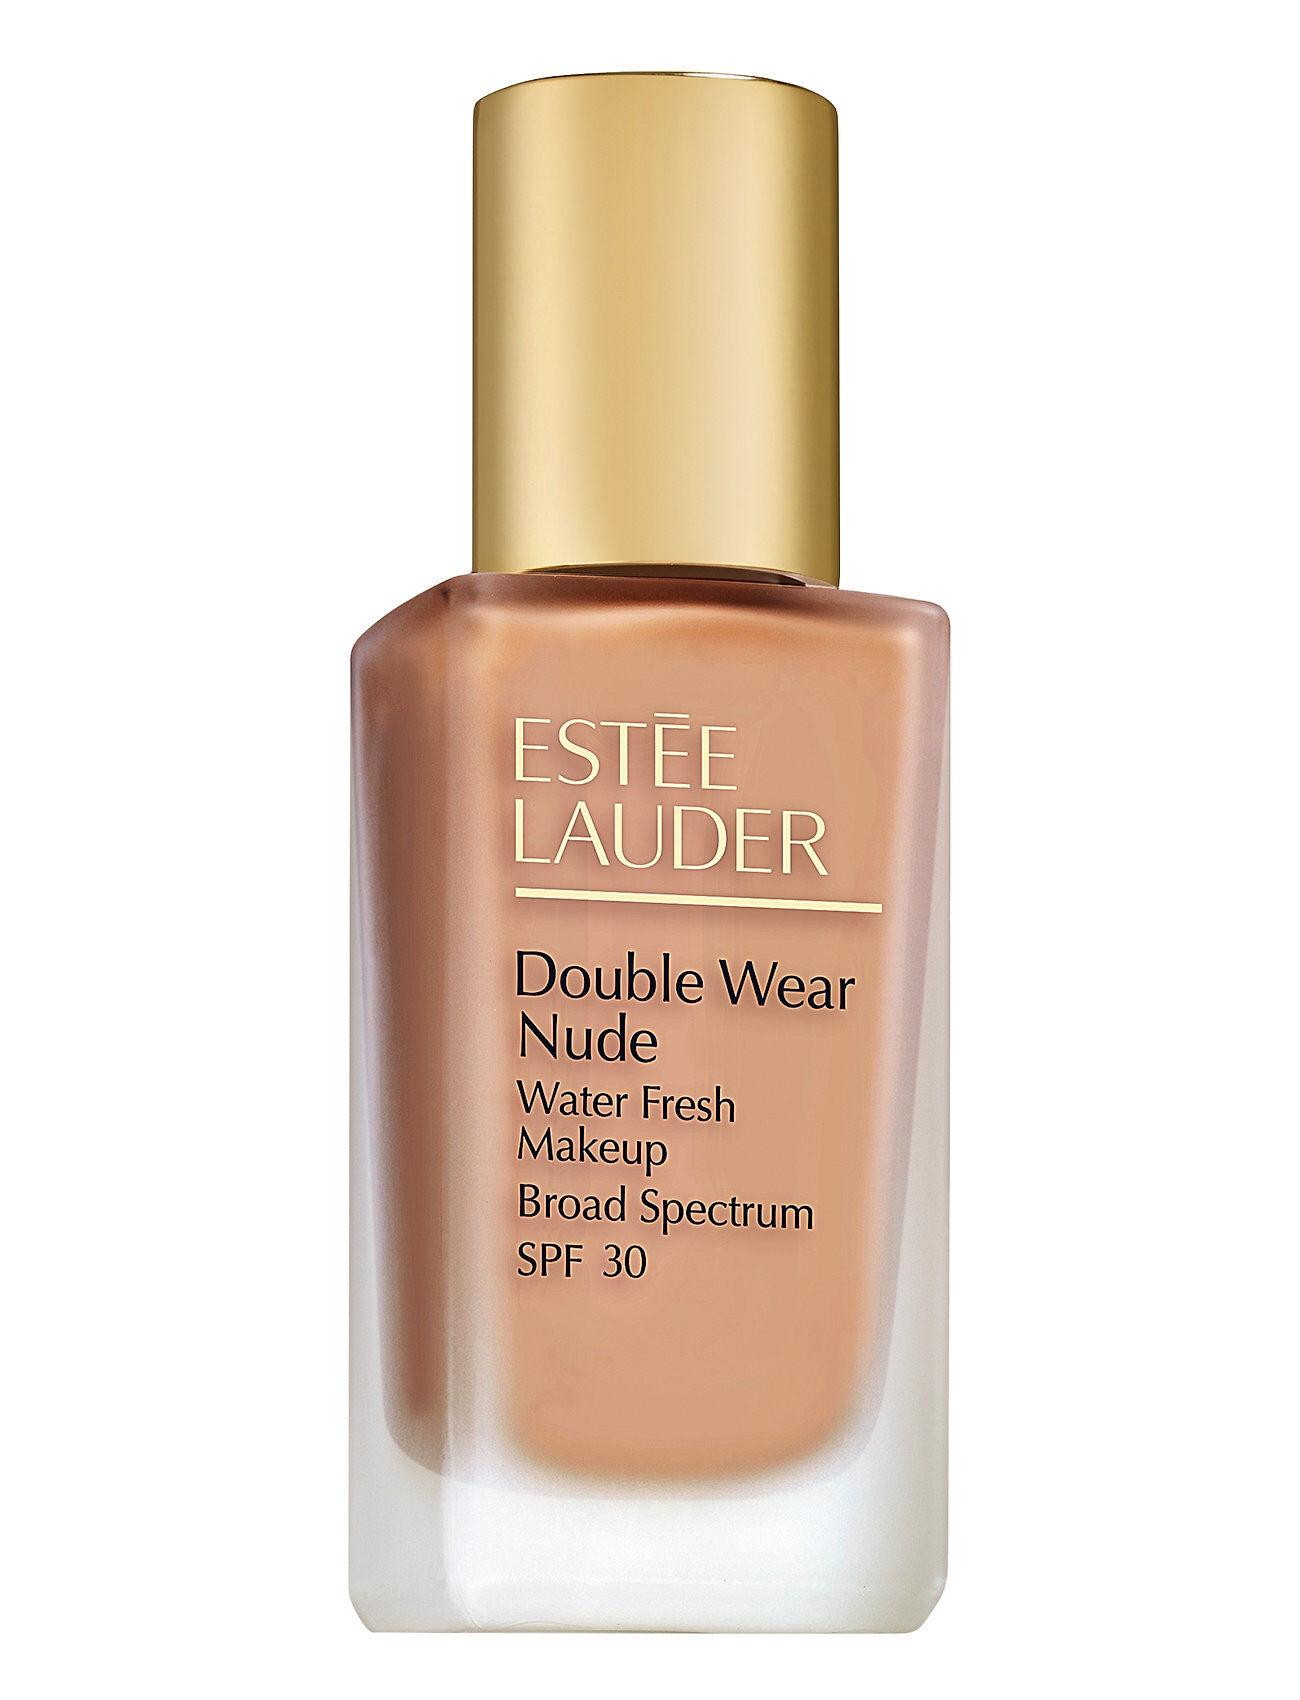 Estée Lauder Double Wear Nude Water Fresh Makeup - Ivory Beige 3n1